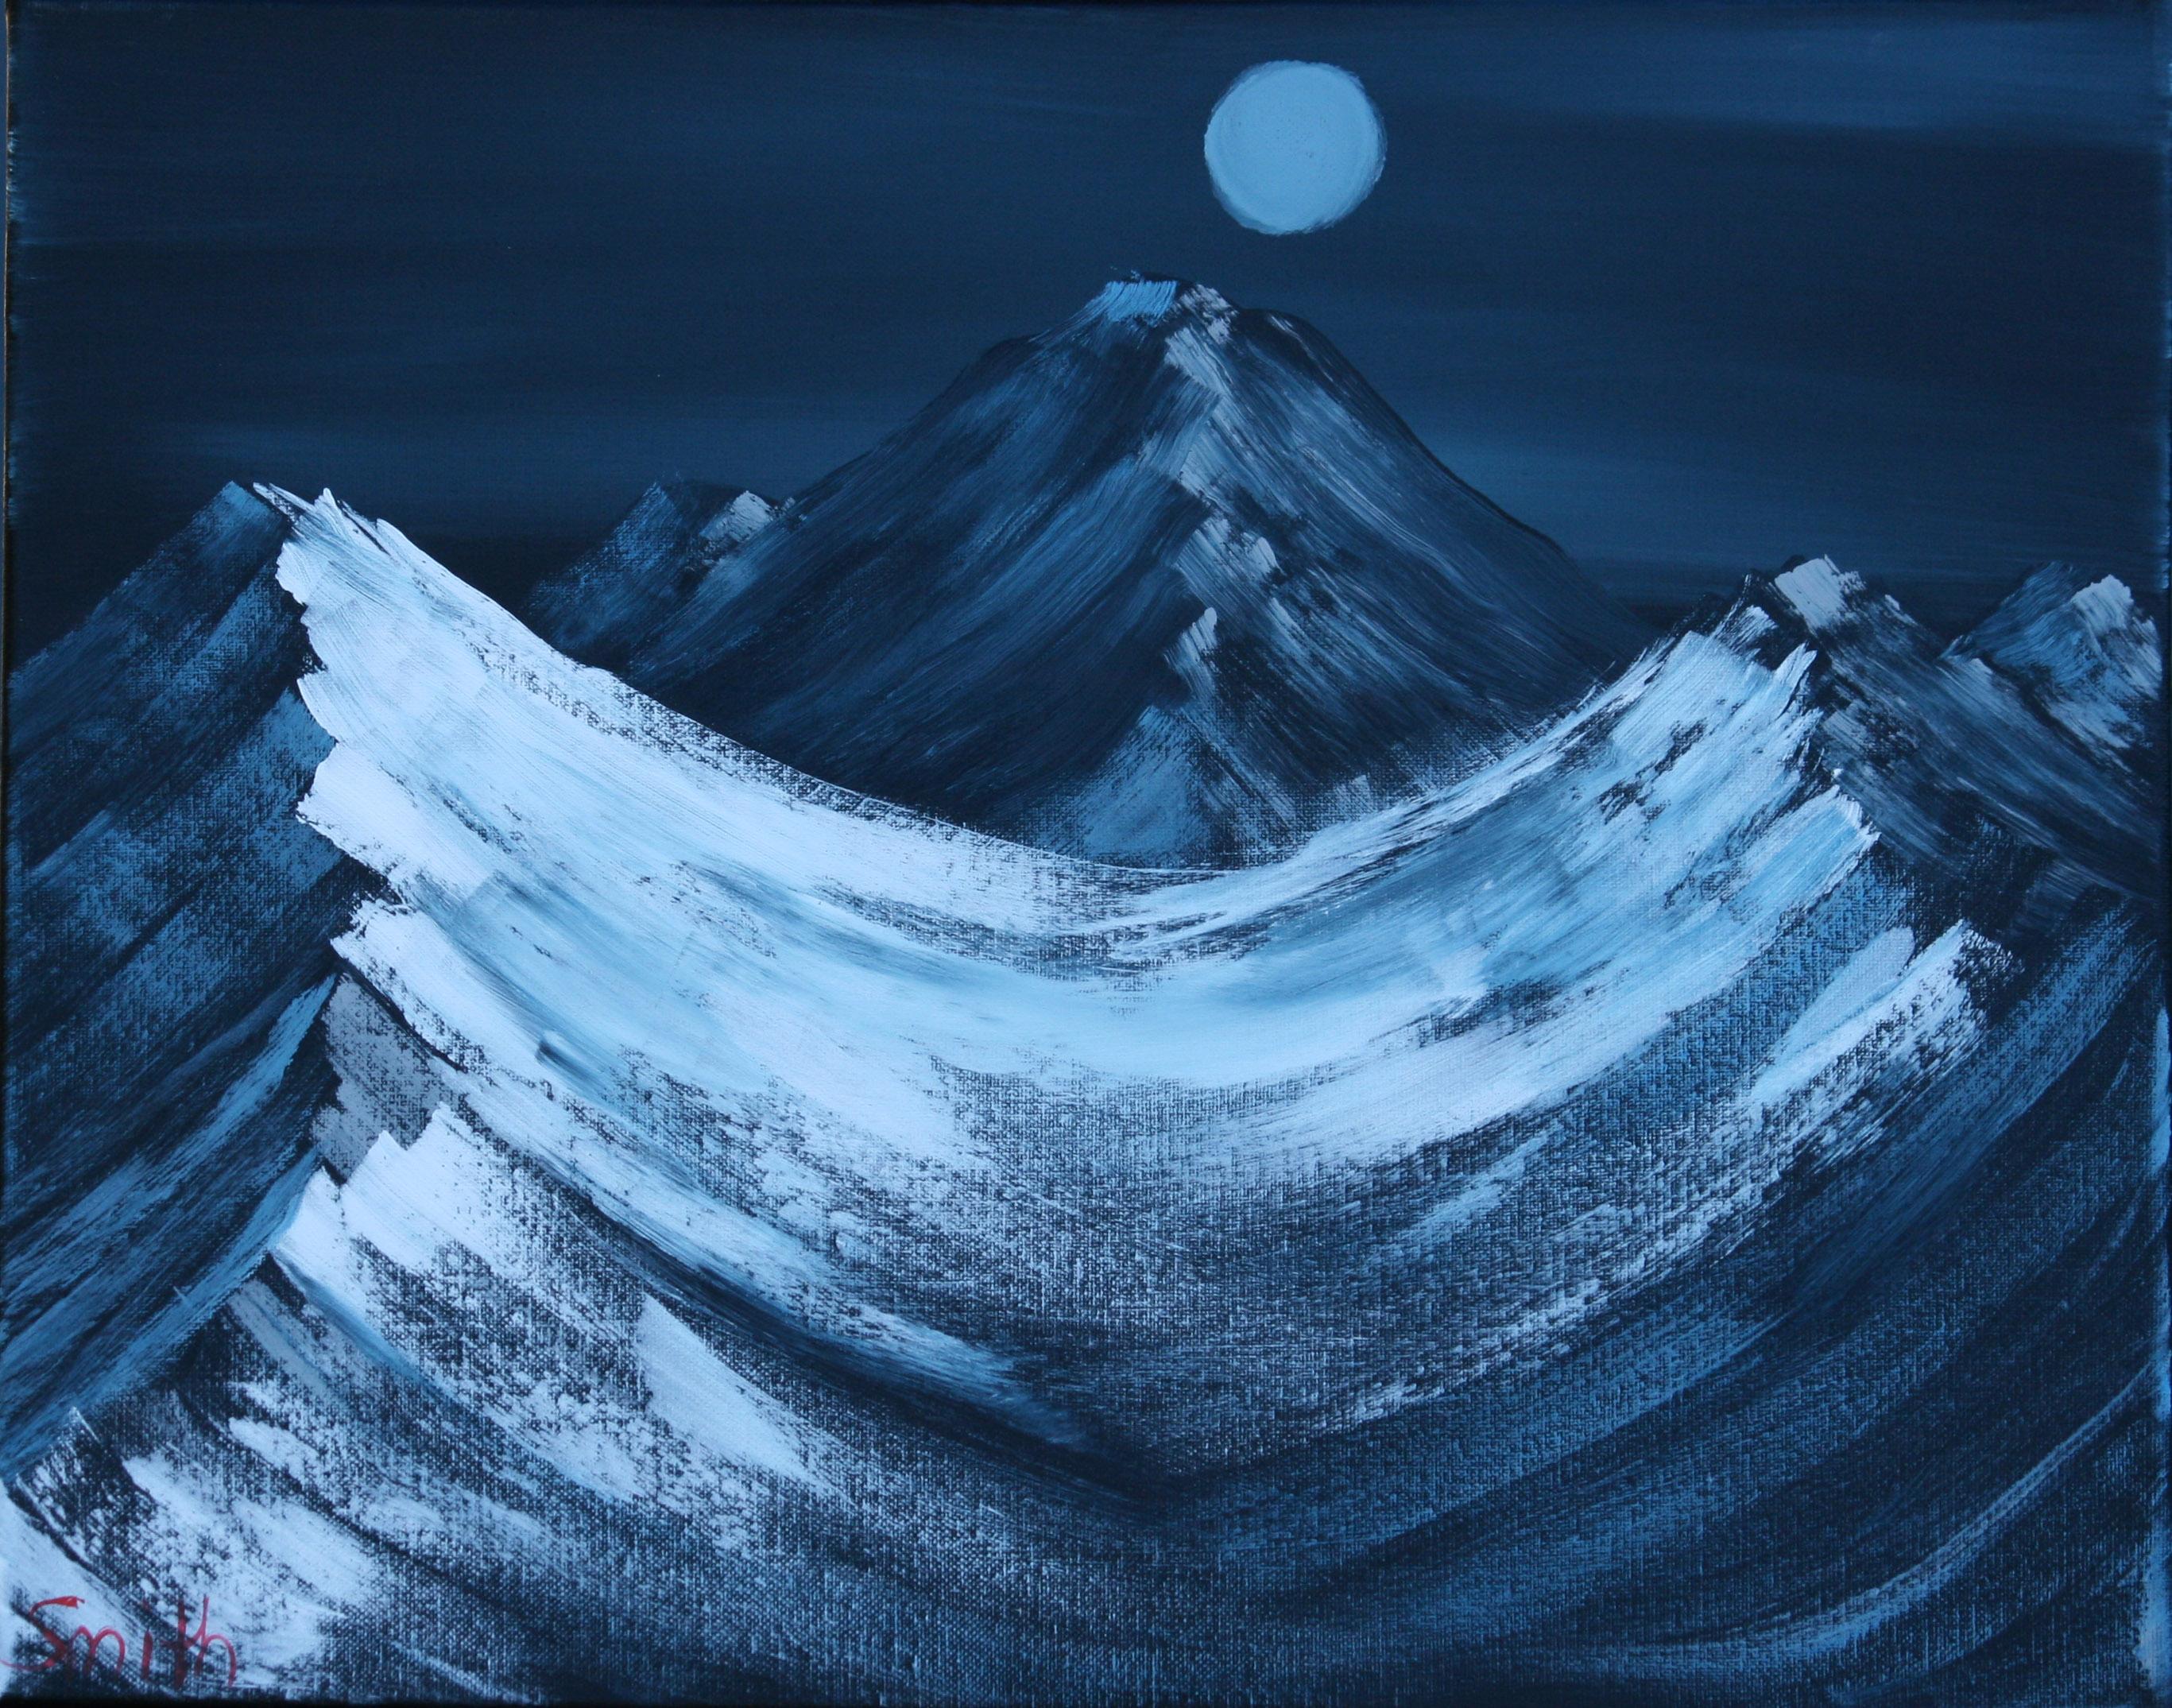 Nighttime-Artic-Mountain